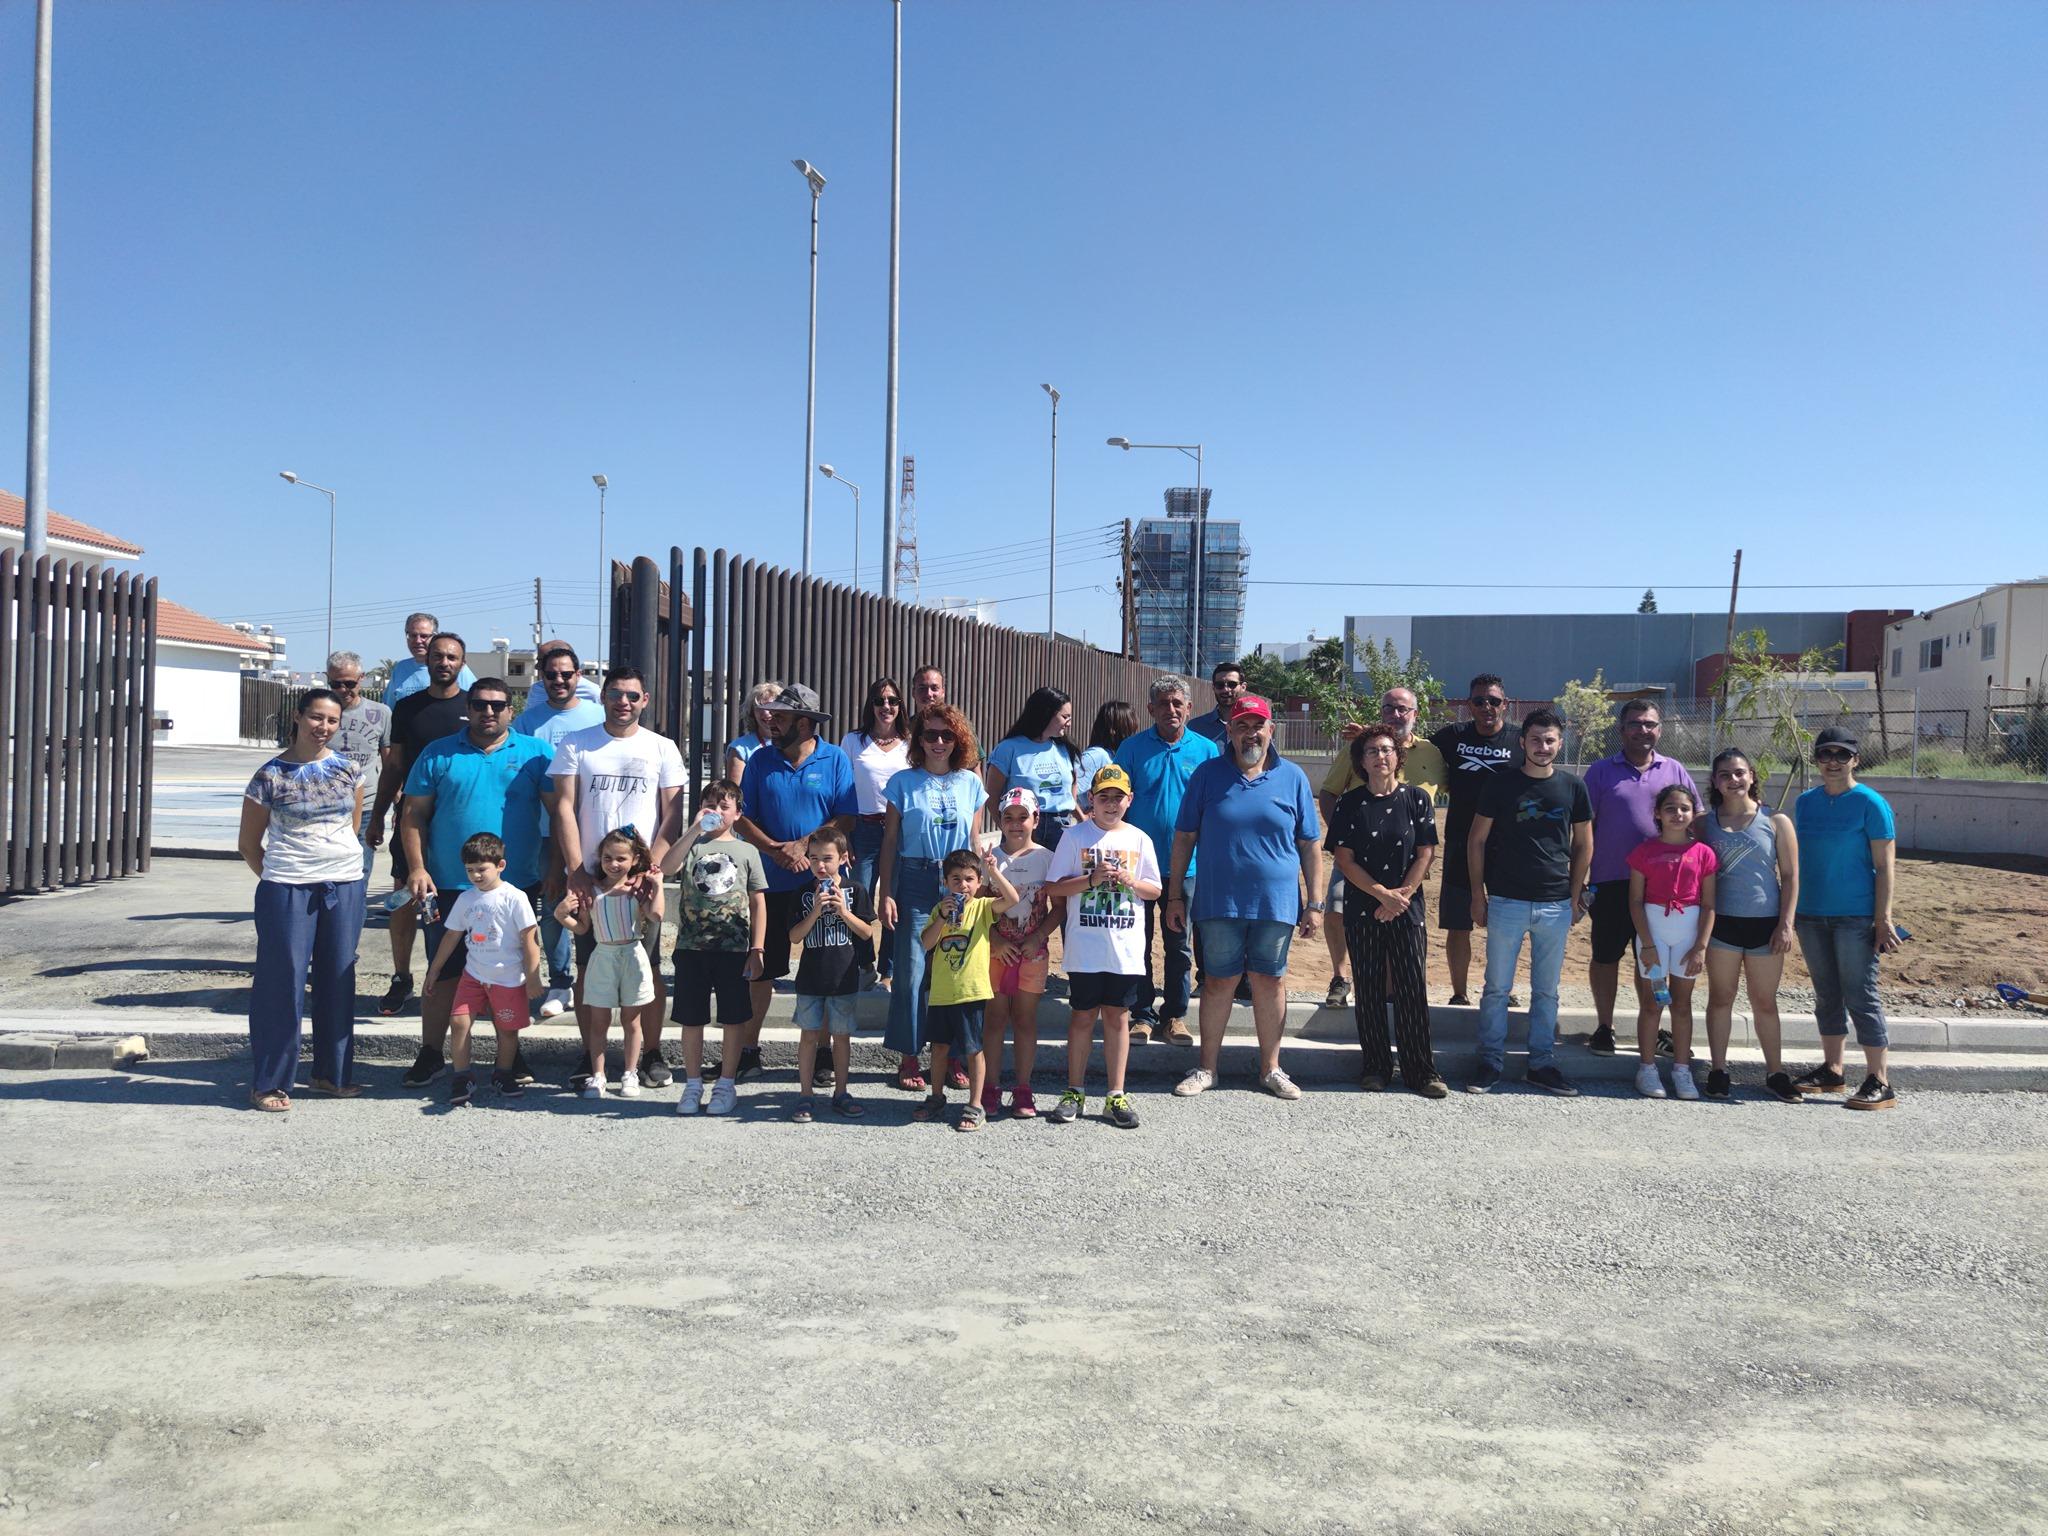 Εθελοντές του ΣΑΛ φύτευσαν δεντράκια στο Αντλιοστάσιο S9